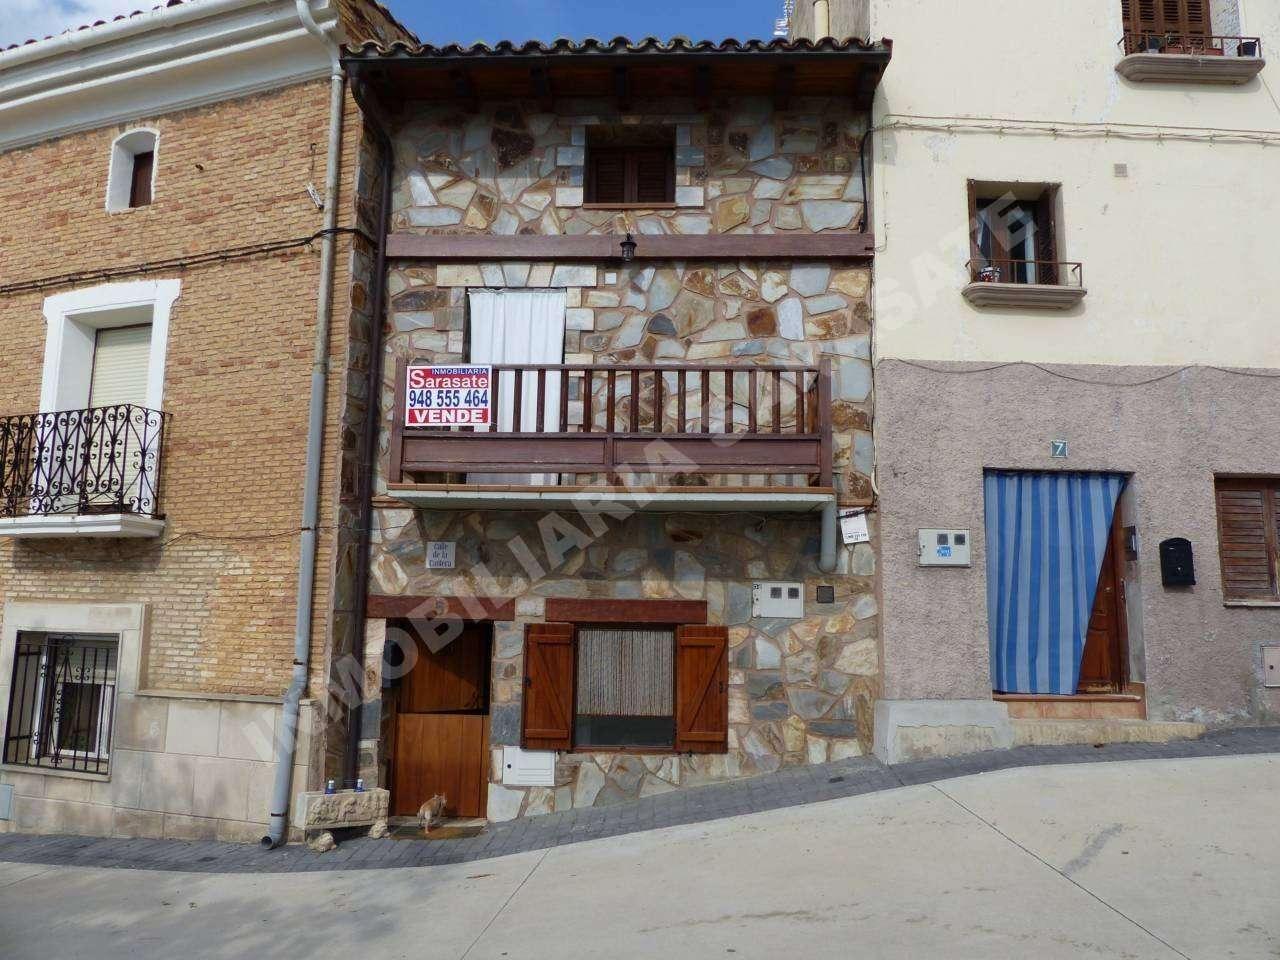 VENTA DE CASA EN C/ CANTERA, SESMA | REF. (000623)